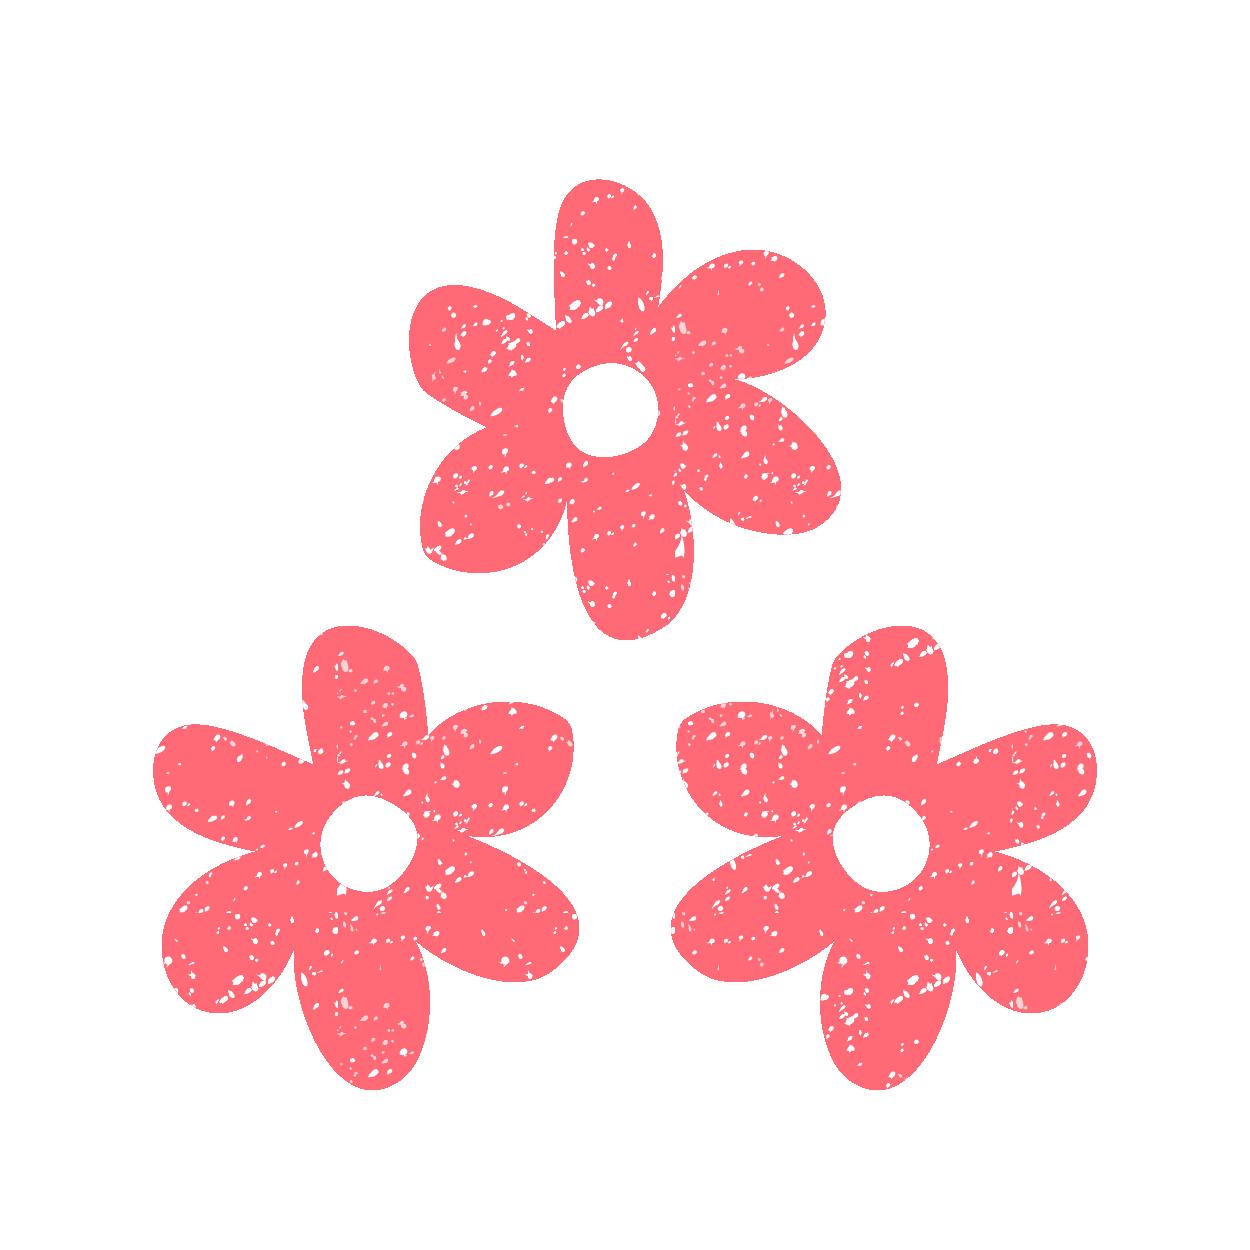 カワイイピンクのお花のスタンプ イラスト | 商用フリー(無料)のイラスト